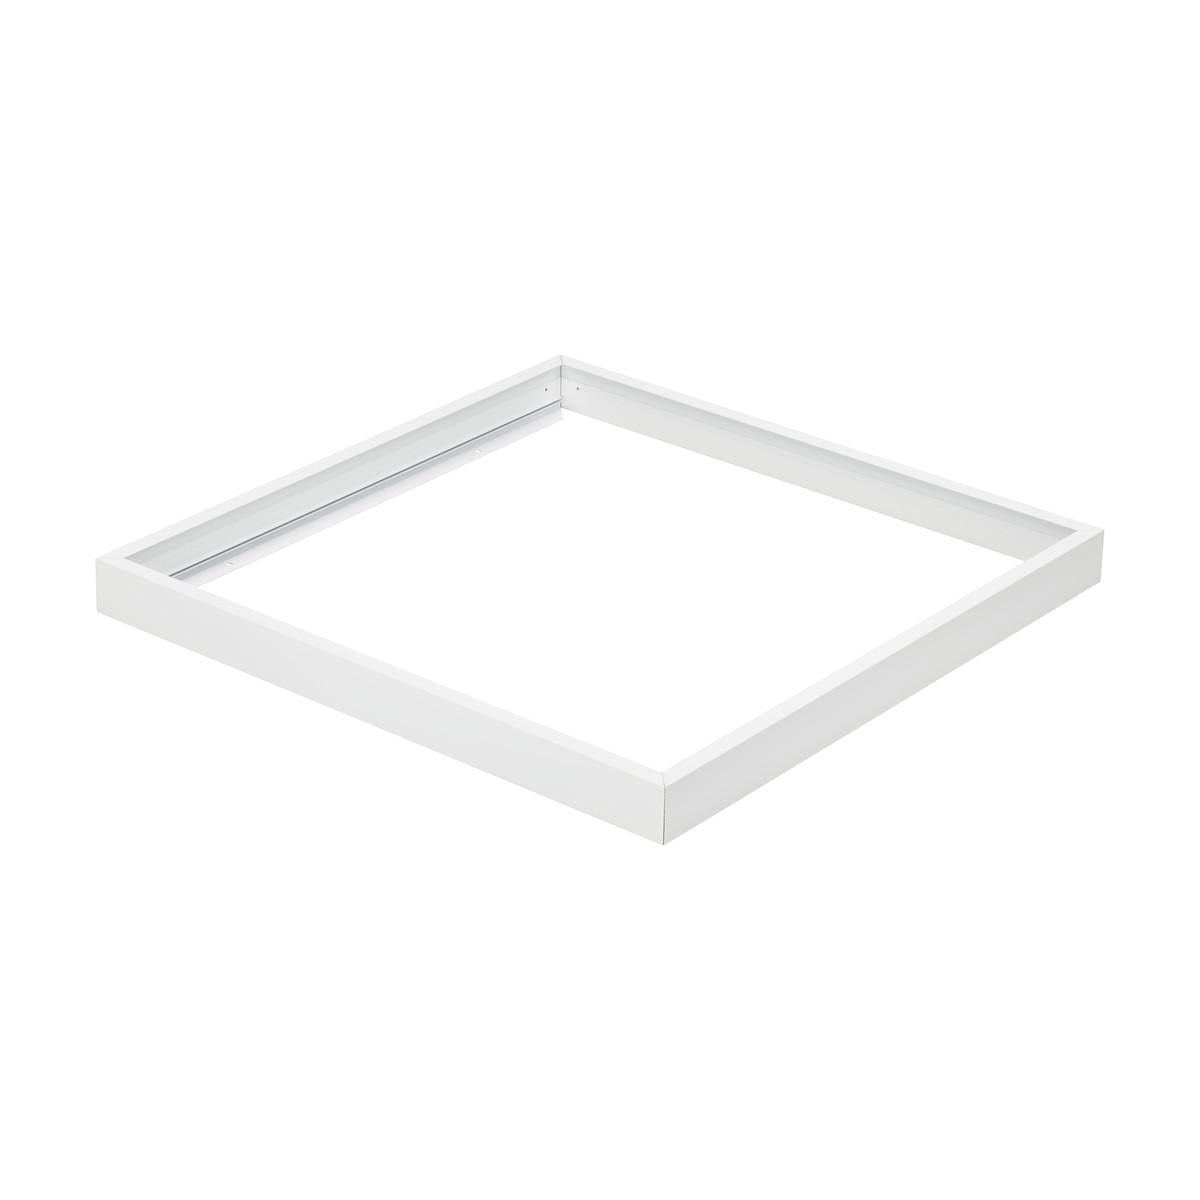 Påbygningsramme til Philips CoreLine Panel RC132Z 60x60